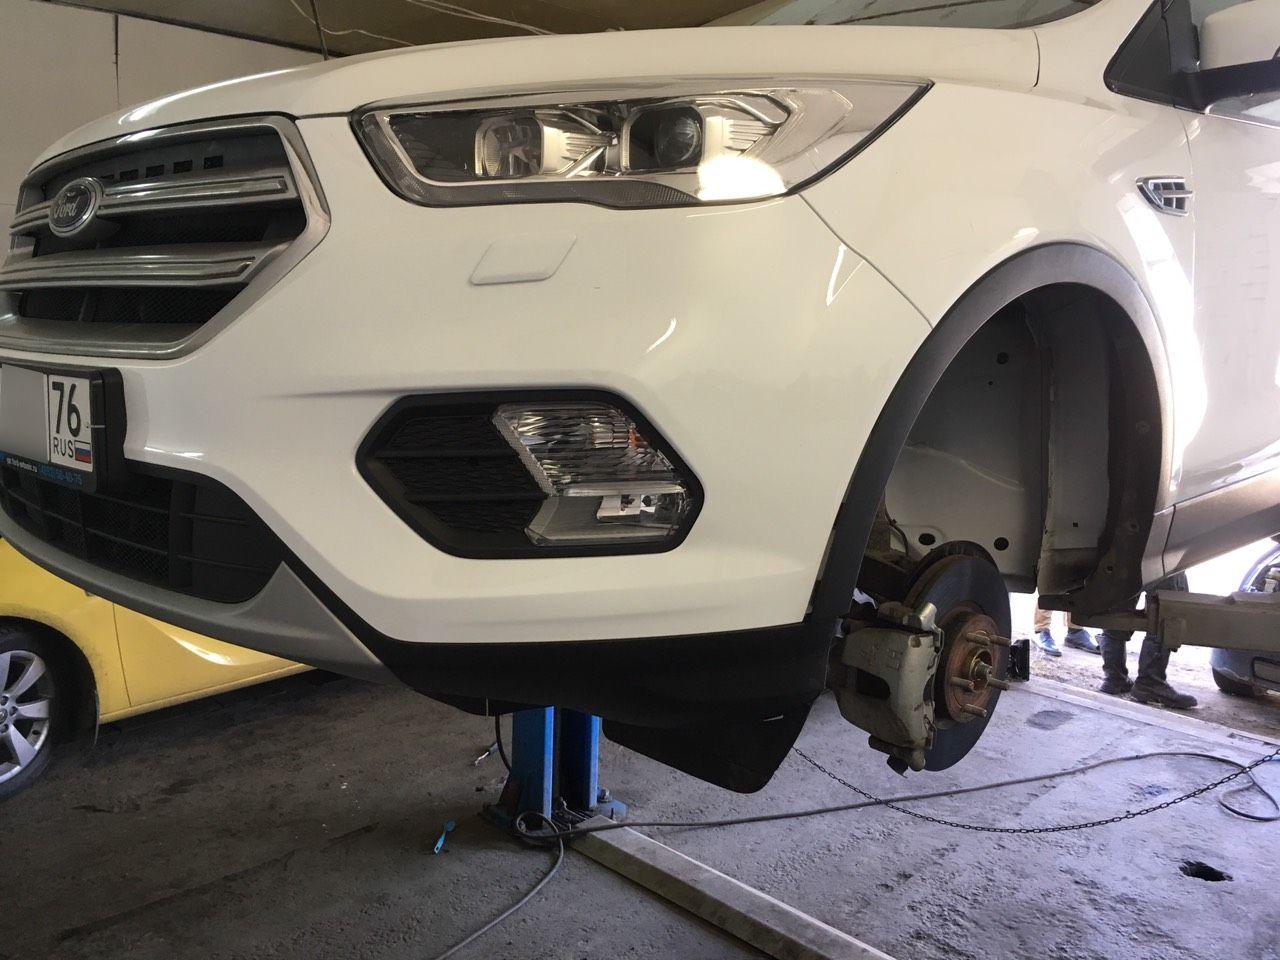 Антикоррозийная обработка Ford Kuga